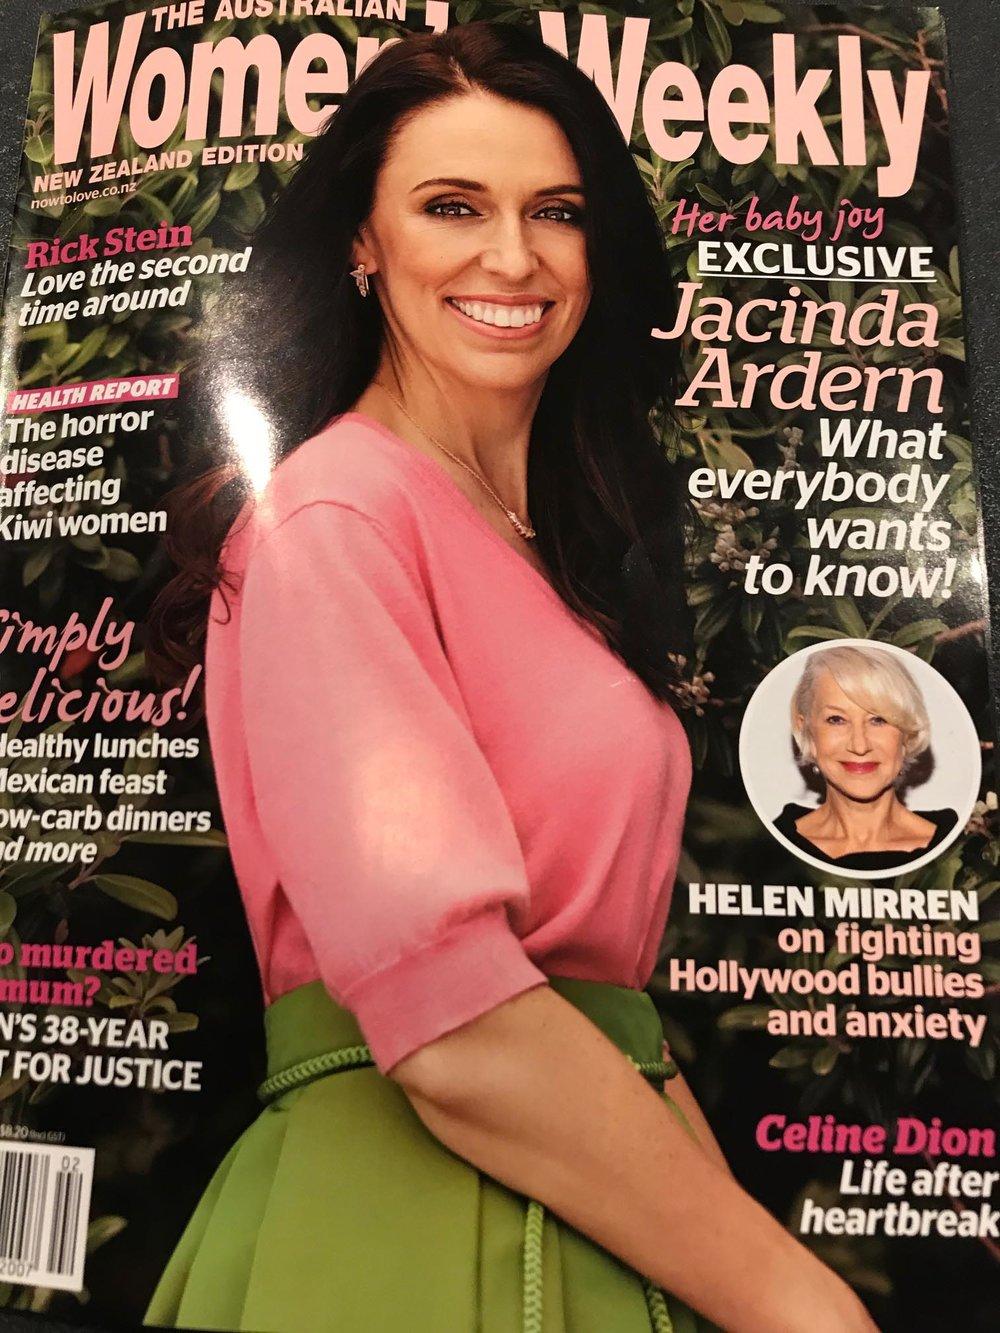 NZWW Feb 18 Cover.jpg